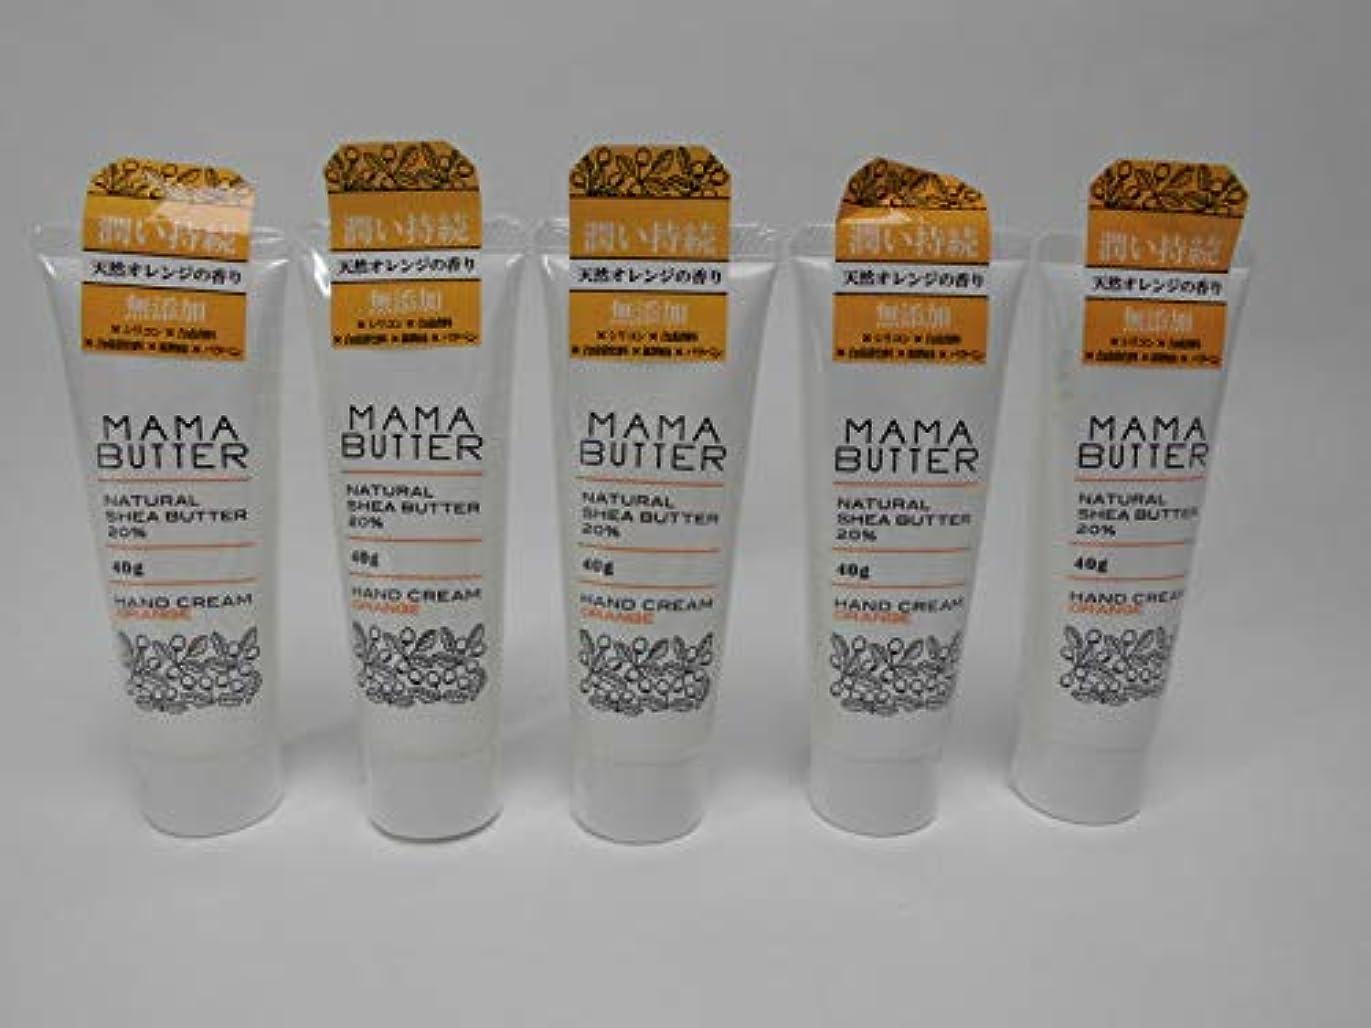 座標擬人化アンソロジー【5個セット】MAMA BUTTER ママバターハンドクリームオレンジ40g(定価1058円)×5個